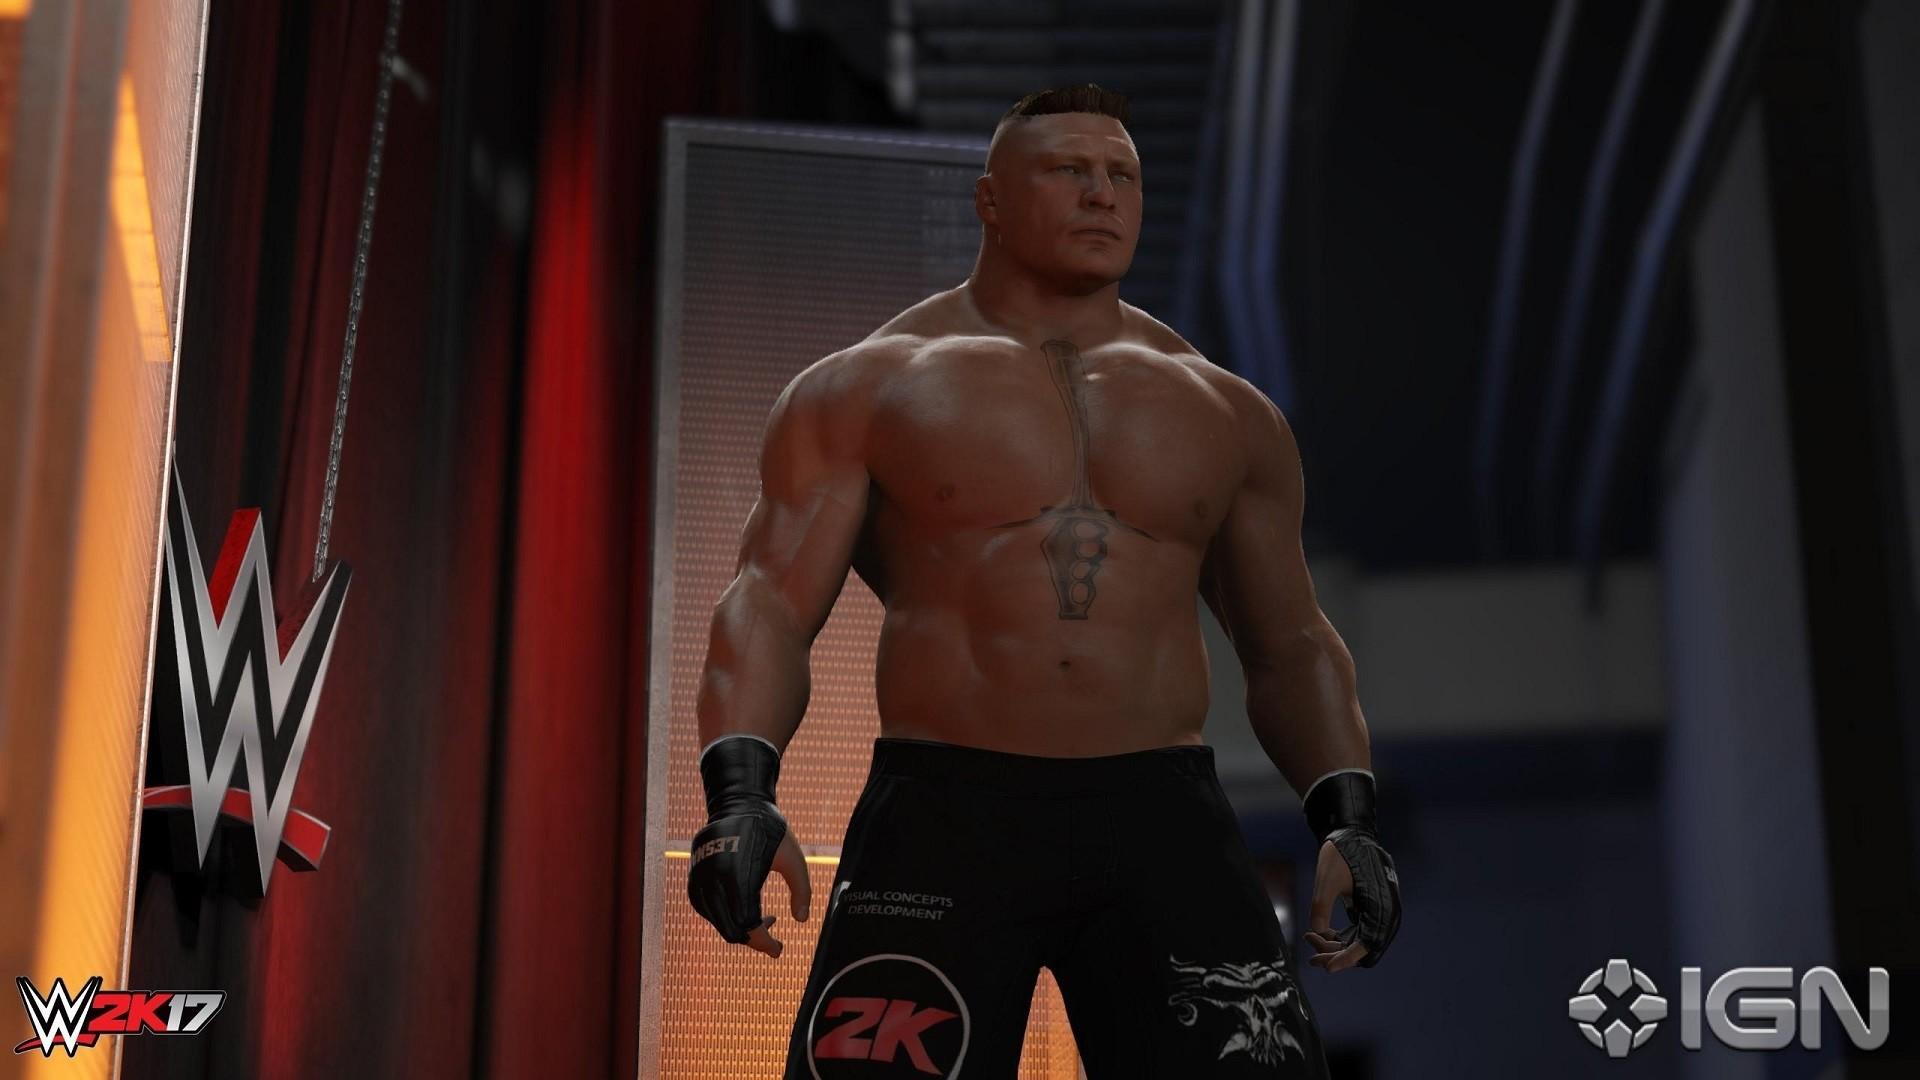 WWE 2K18 HD Wallpaper